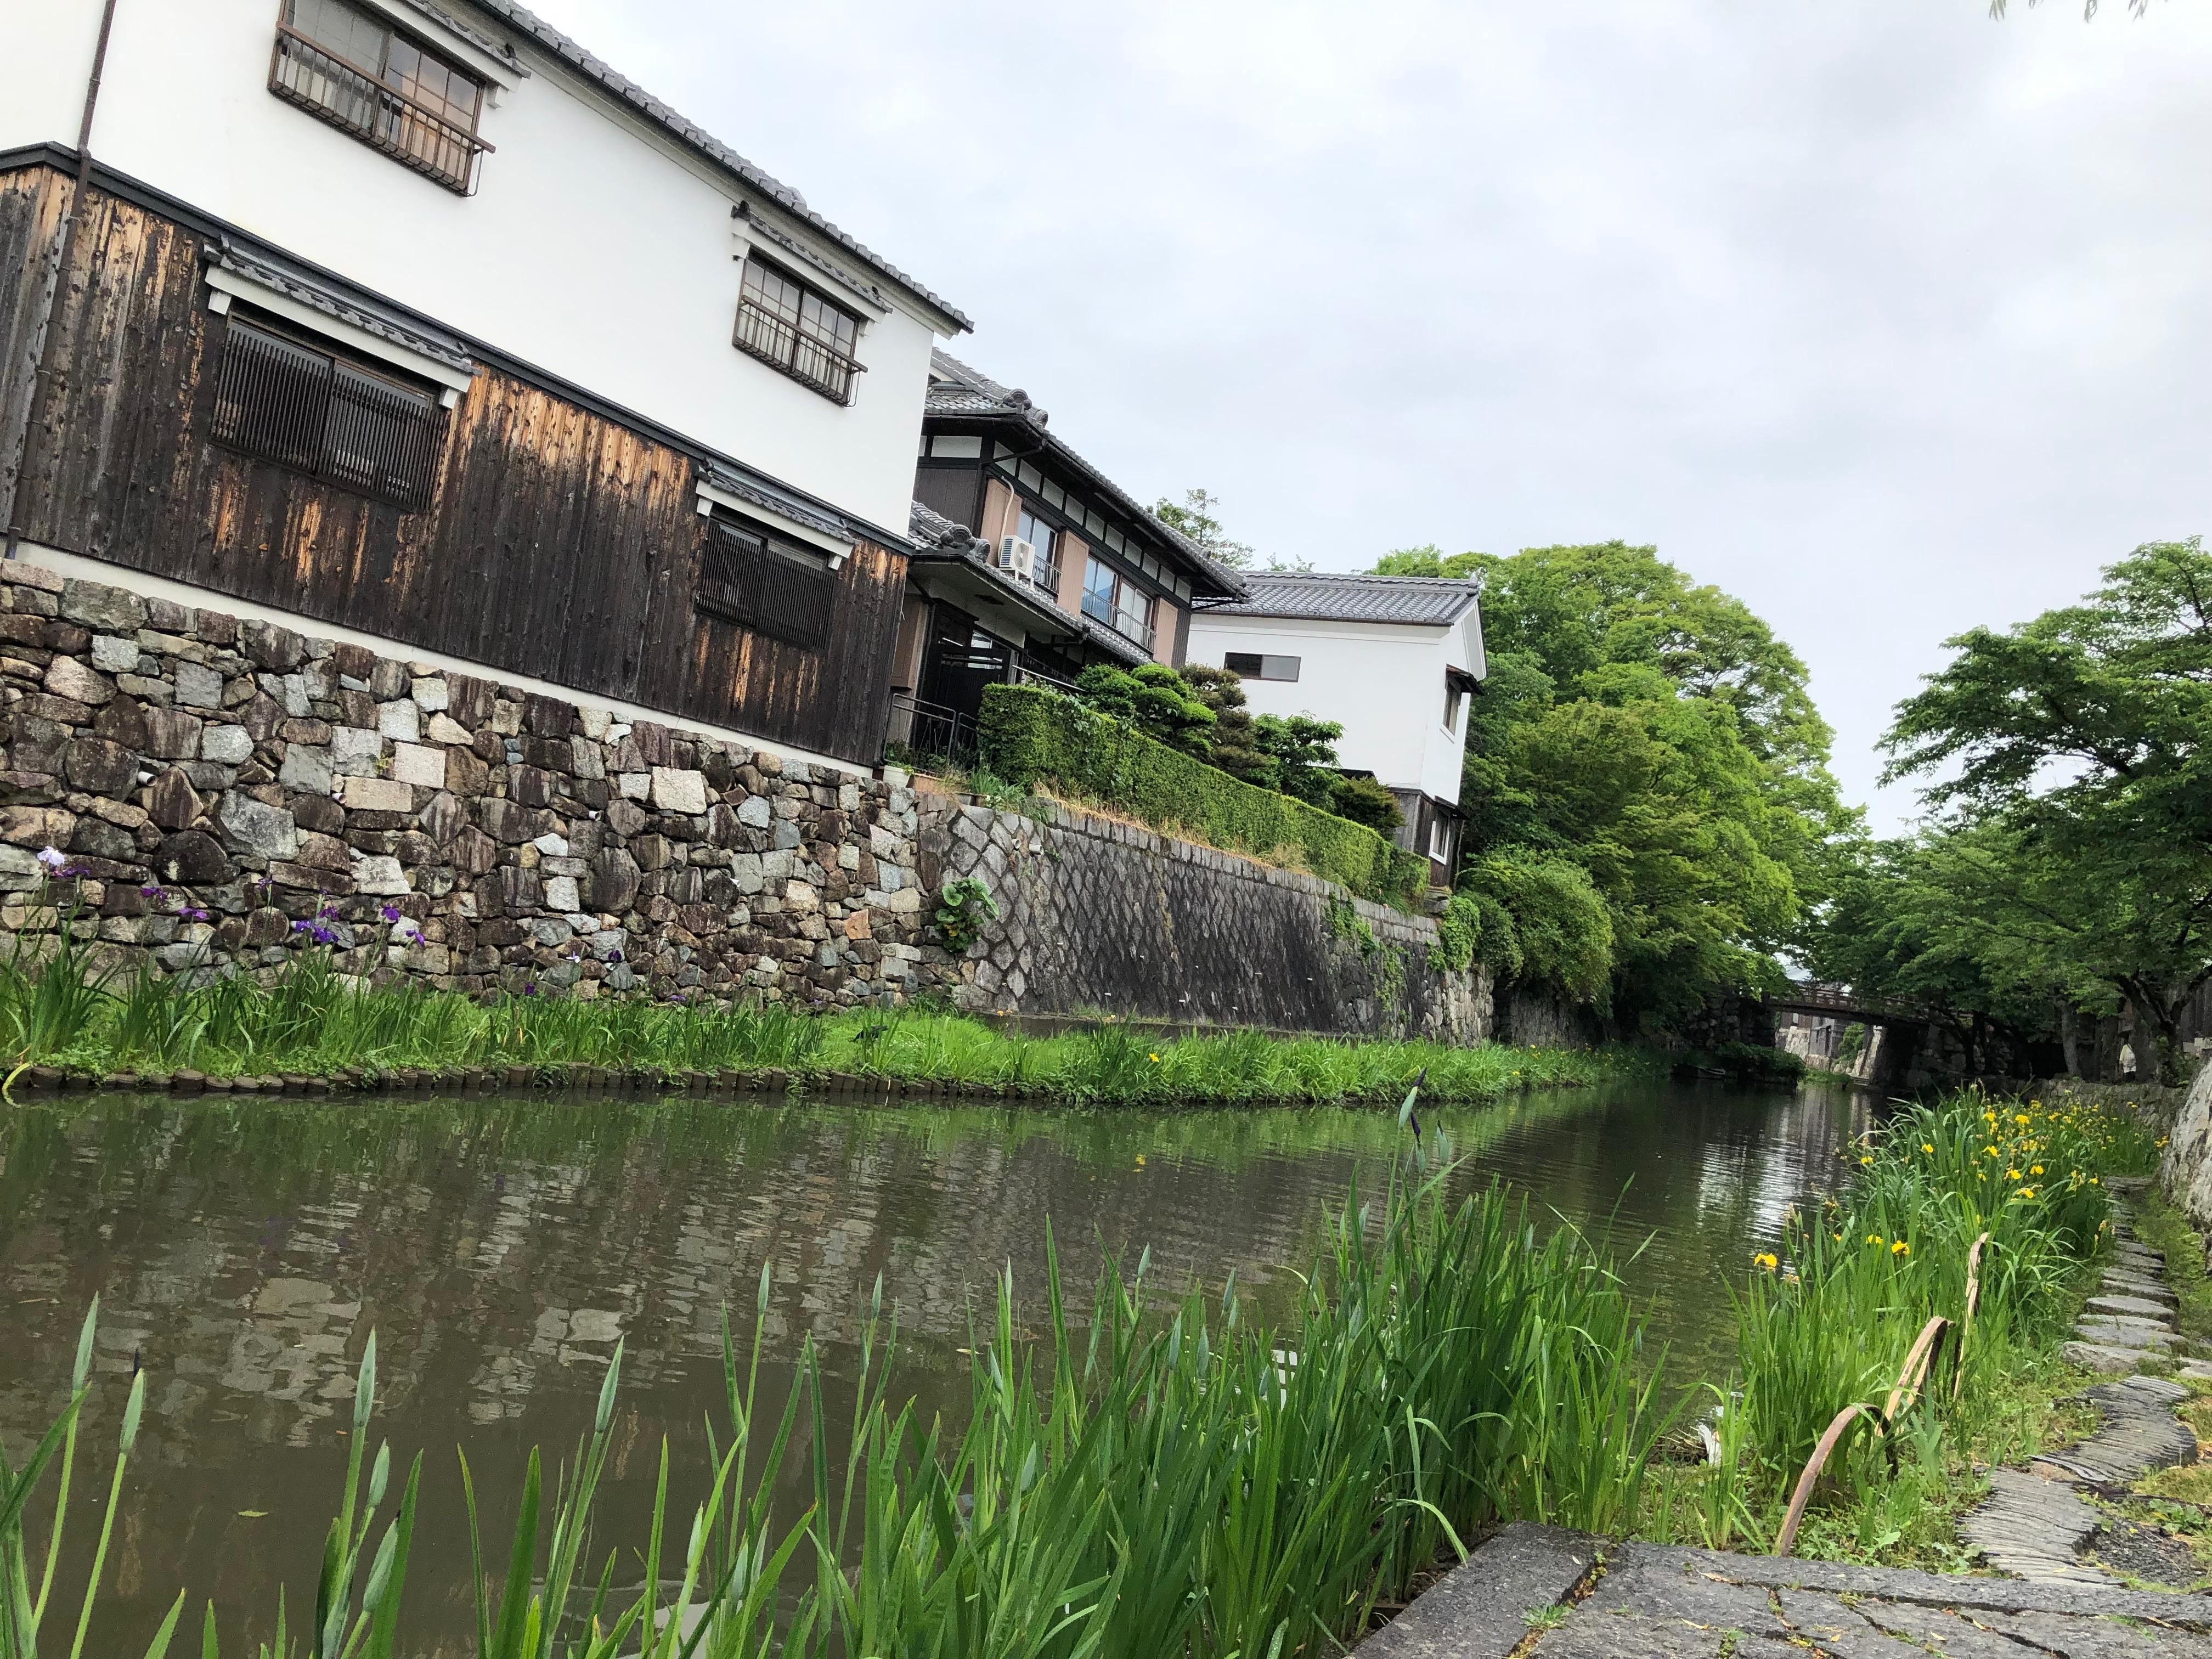 吉方旅行で近江八幡へ